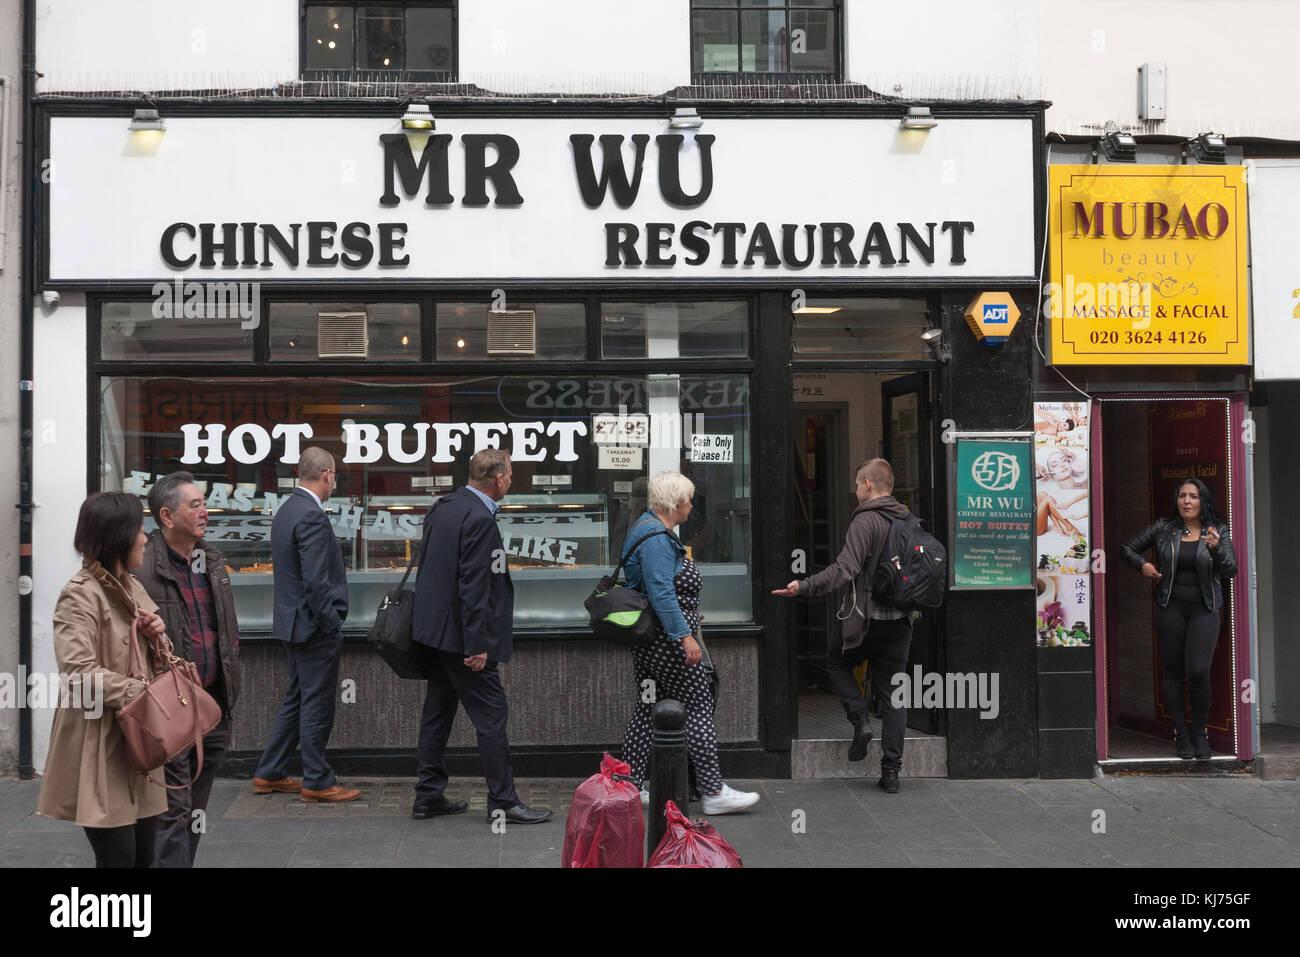 Wardour Street, London-September 6,2017: People visit Mr Wu Chinese Restaurant on Wardour Street on September 6, - Stock Image